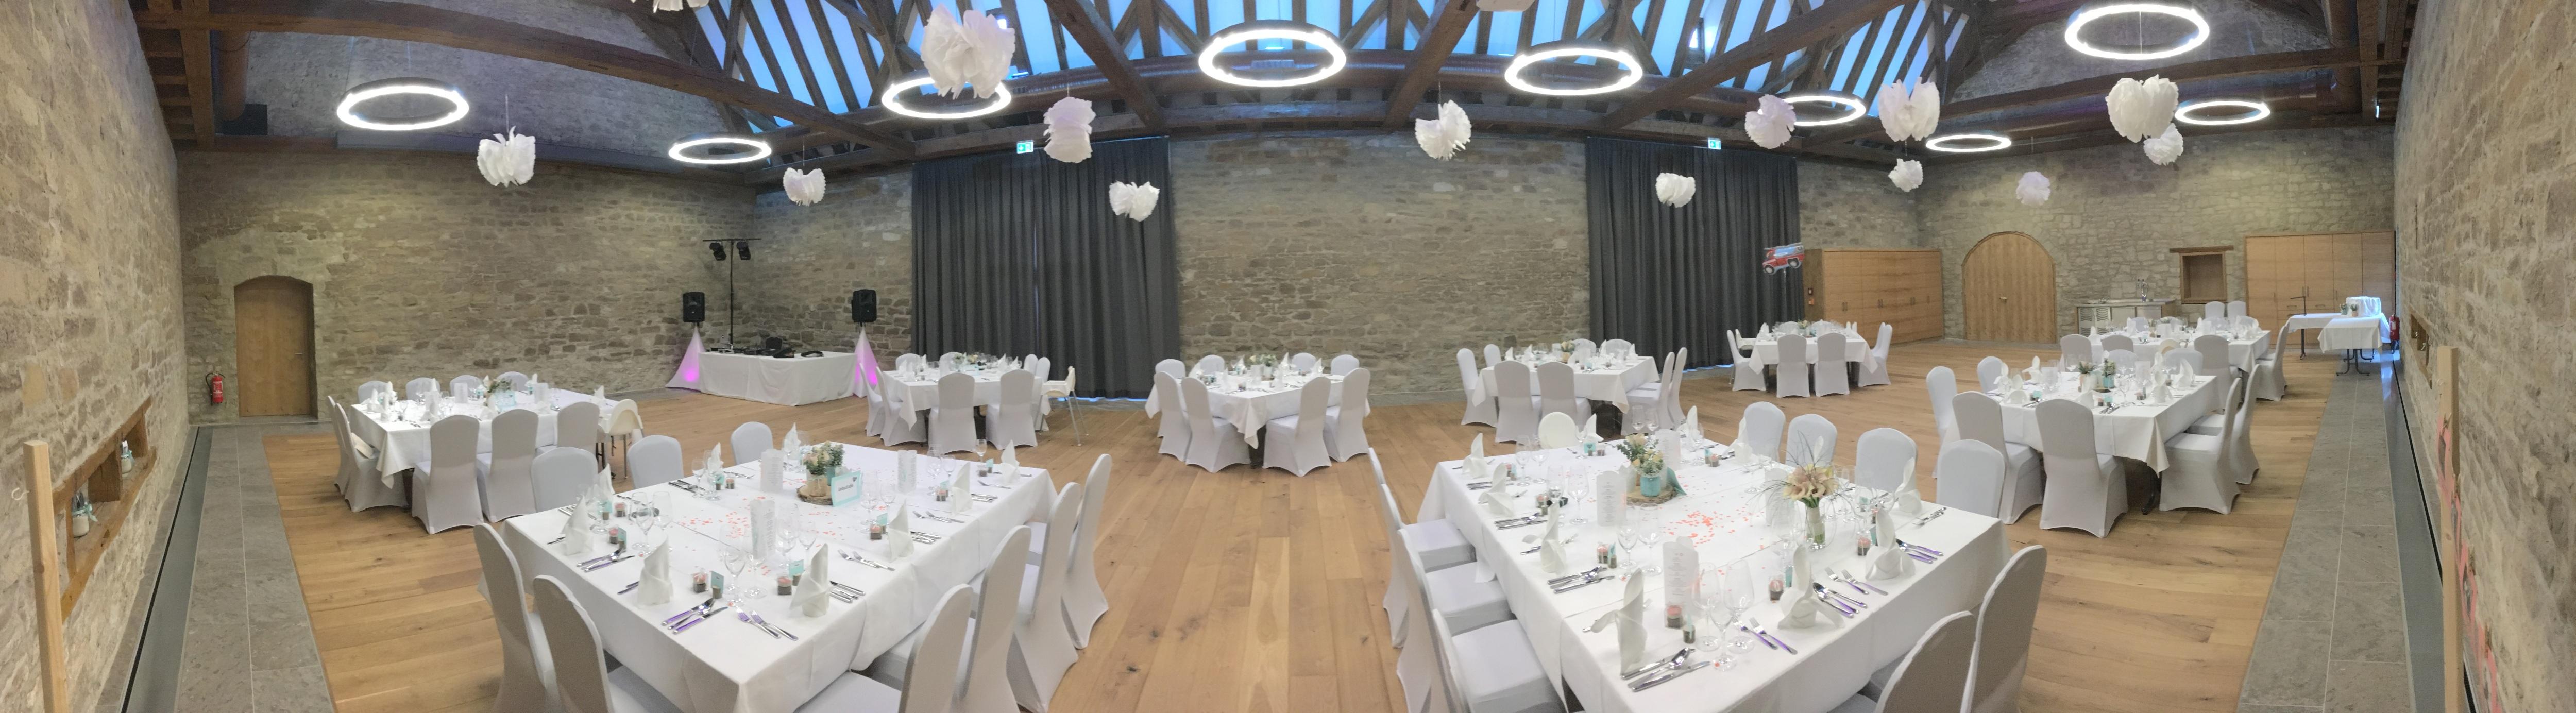 Eventlocation Und Hochzeitslocation In Wurzburg Mieten Location